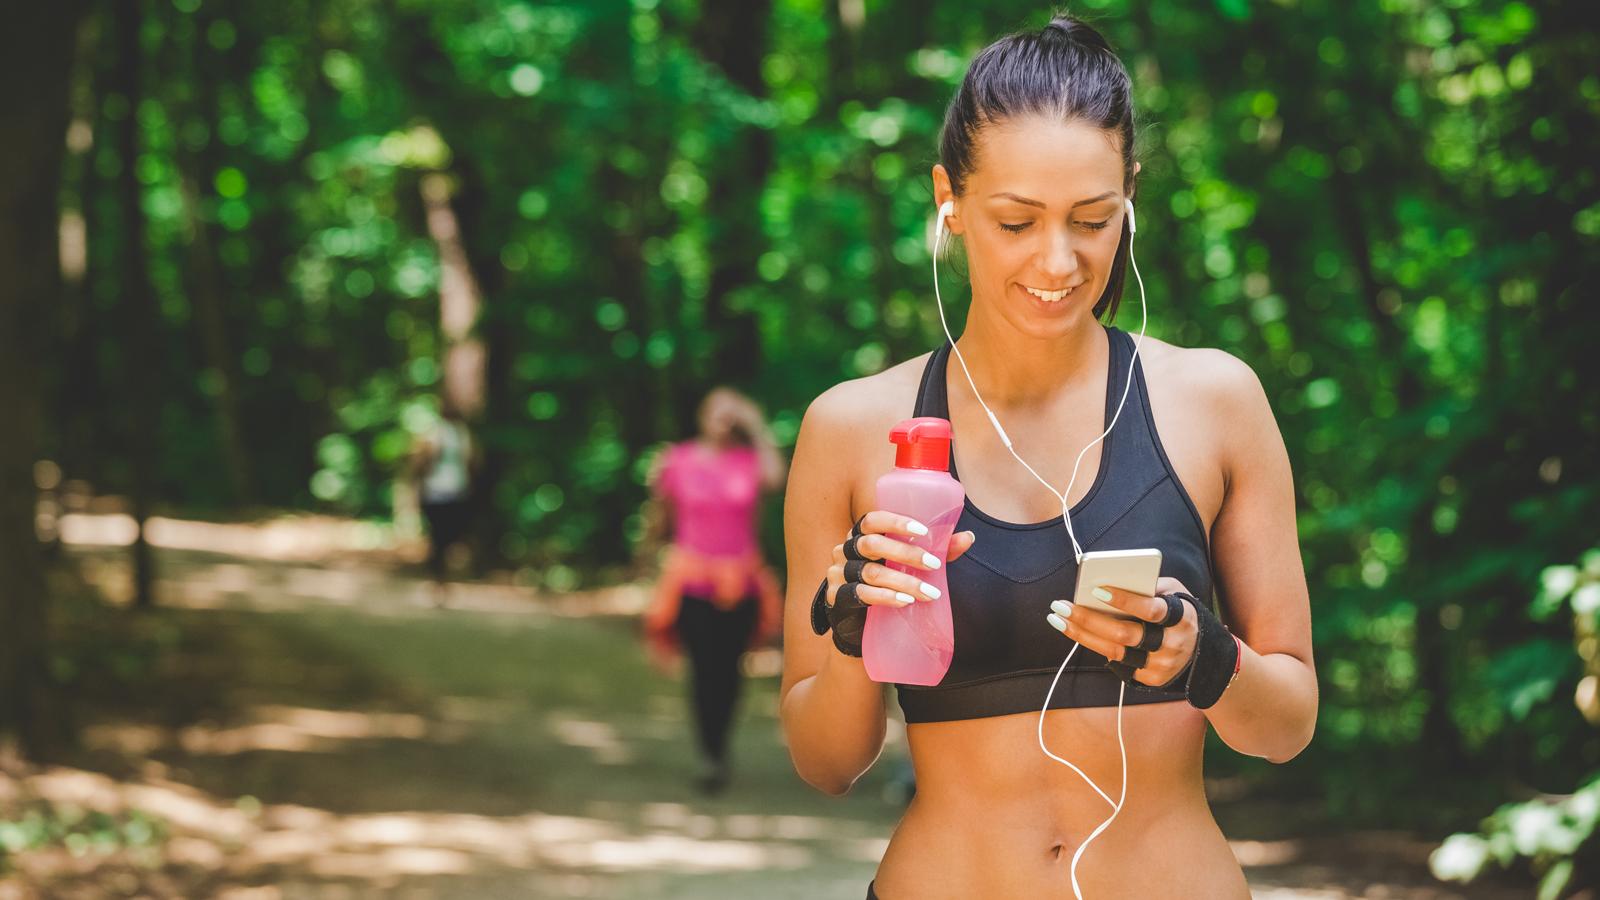 Studie: Fitness-Tracker liegen voll im Trend